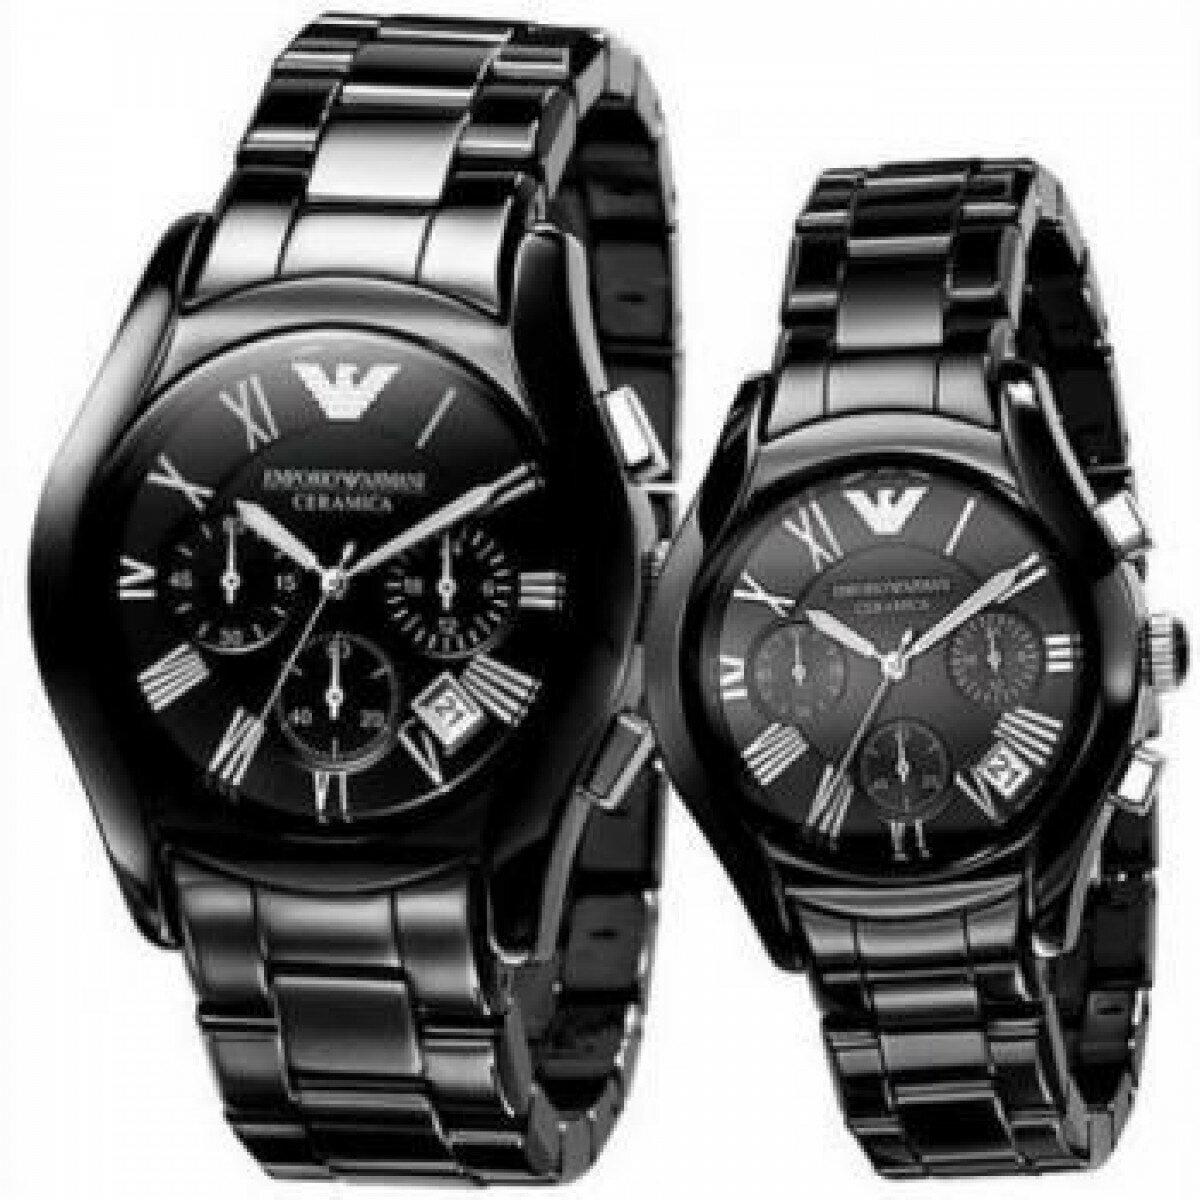 【ARMANI亞曼尼】經典陶瓷三眼計時腕錶\情侶款(AR1400\AR1401)-黑